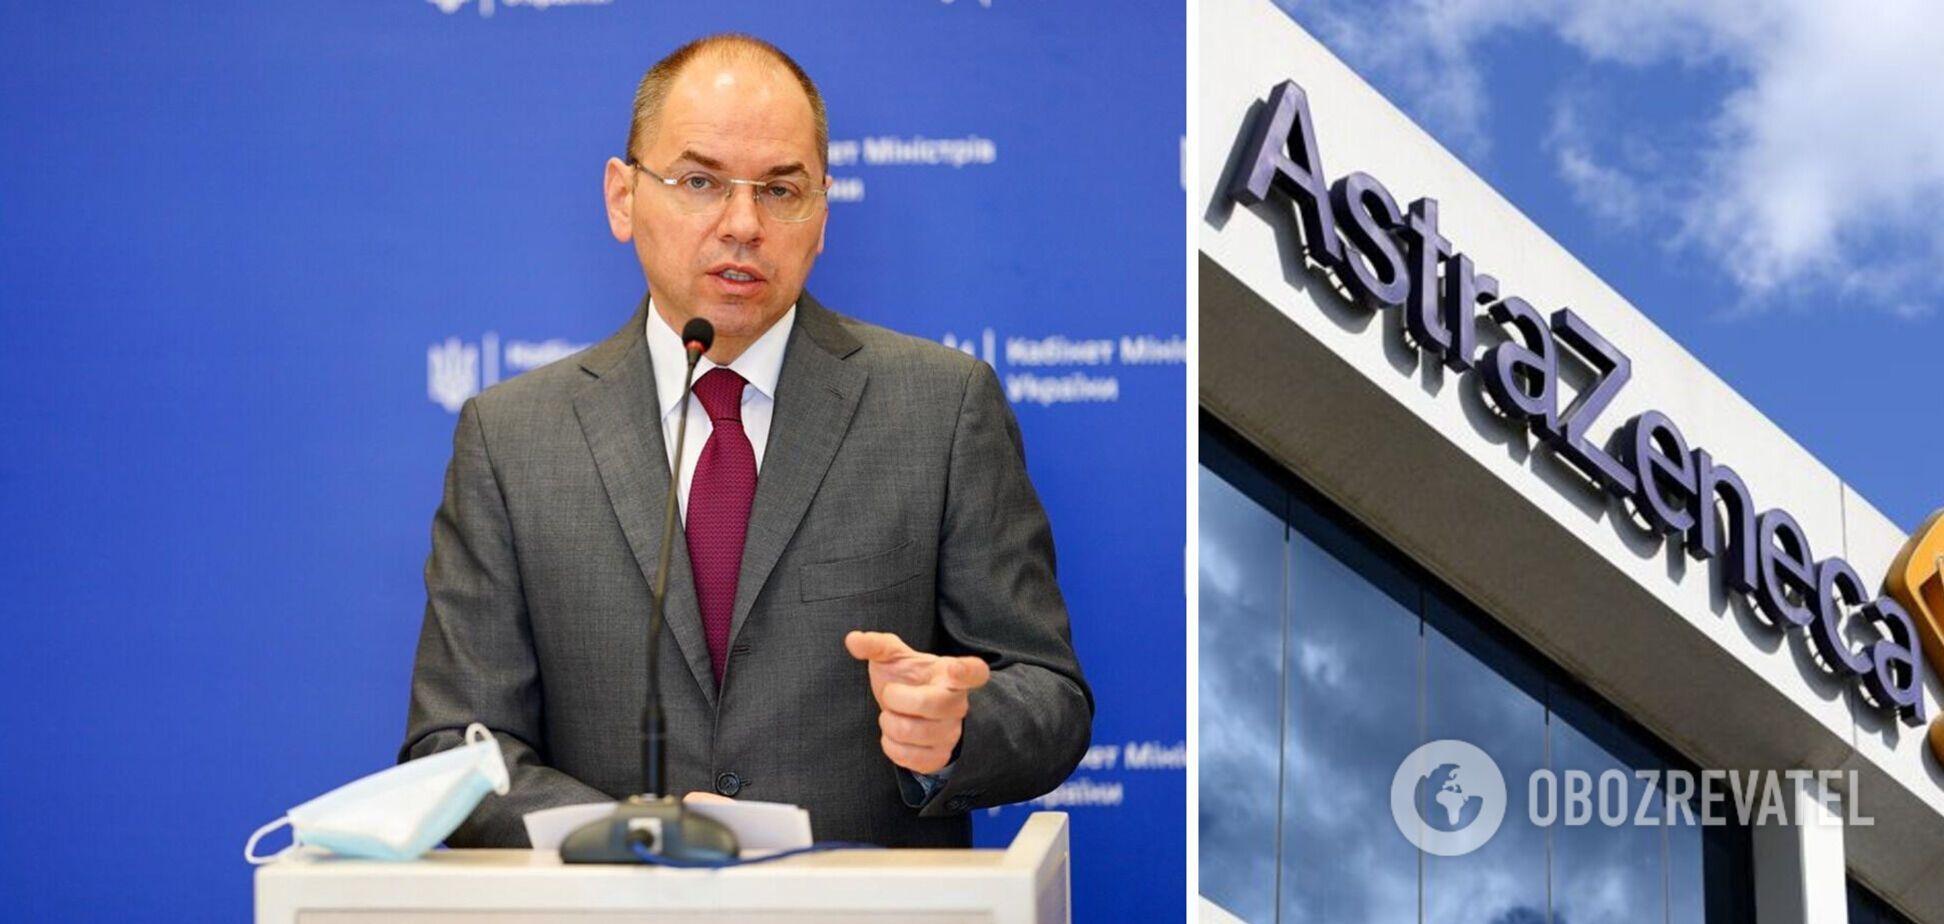 Степанов – о начале вакцинации с 15 февраля: ведется работа по отгрузке и доставке AstraZeneca в Украину